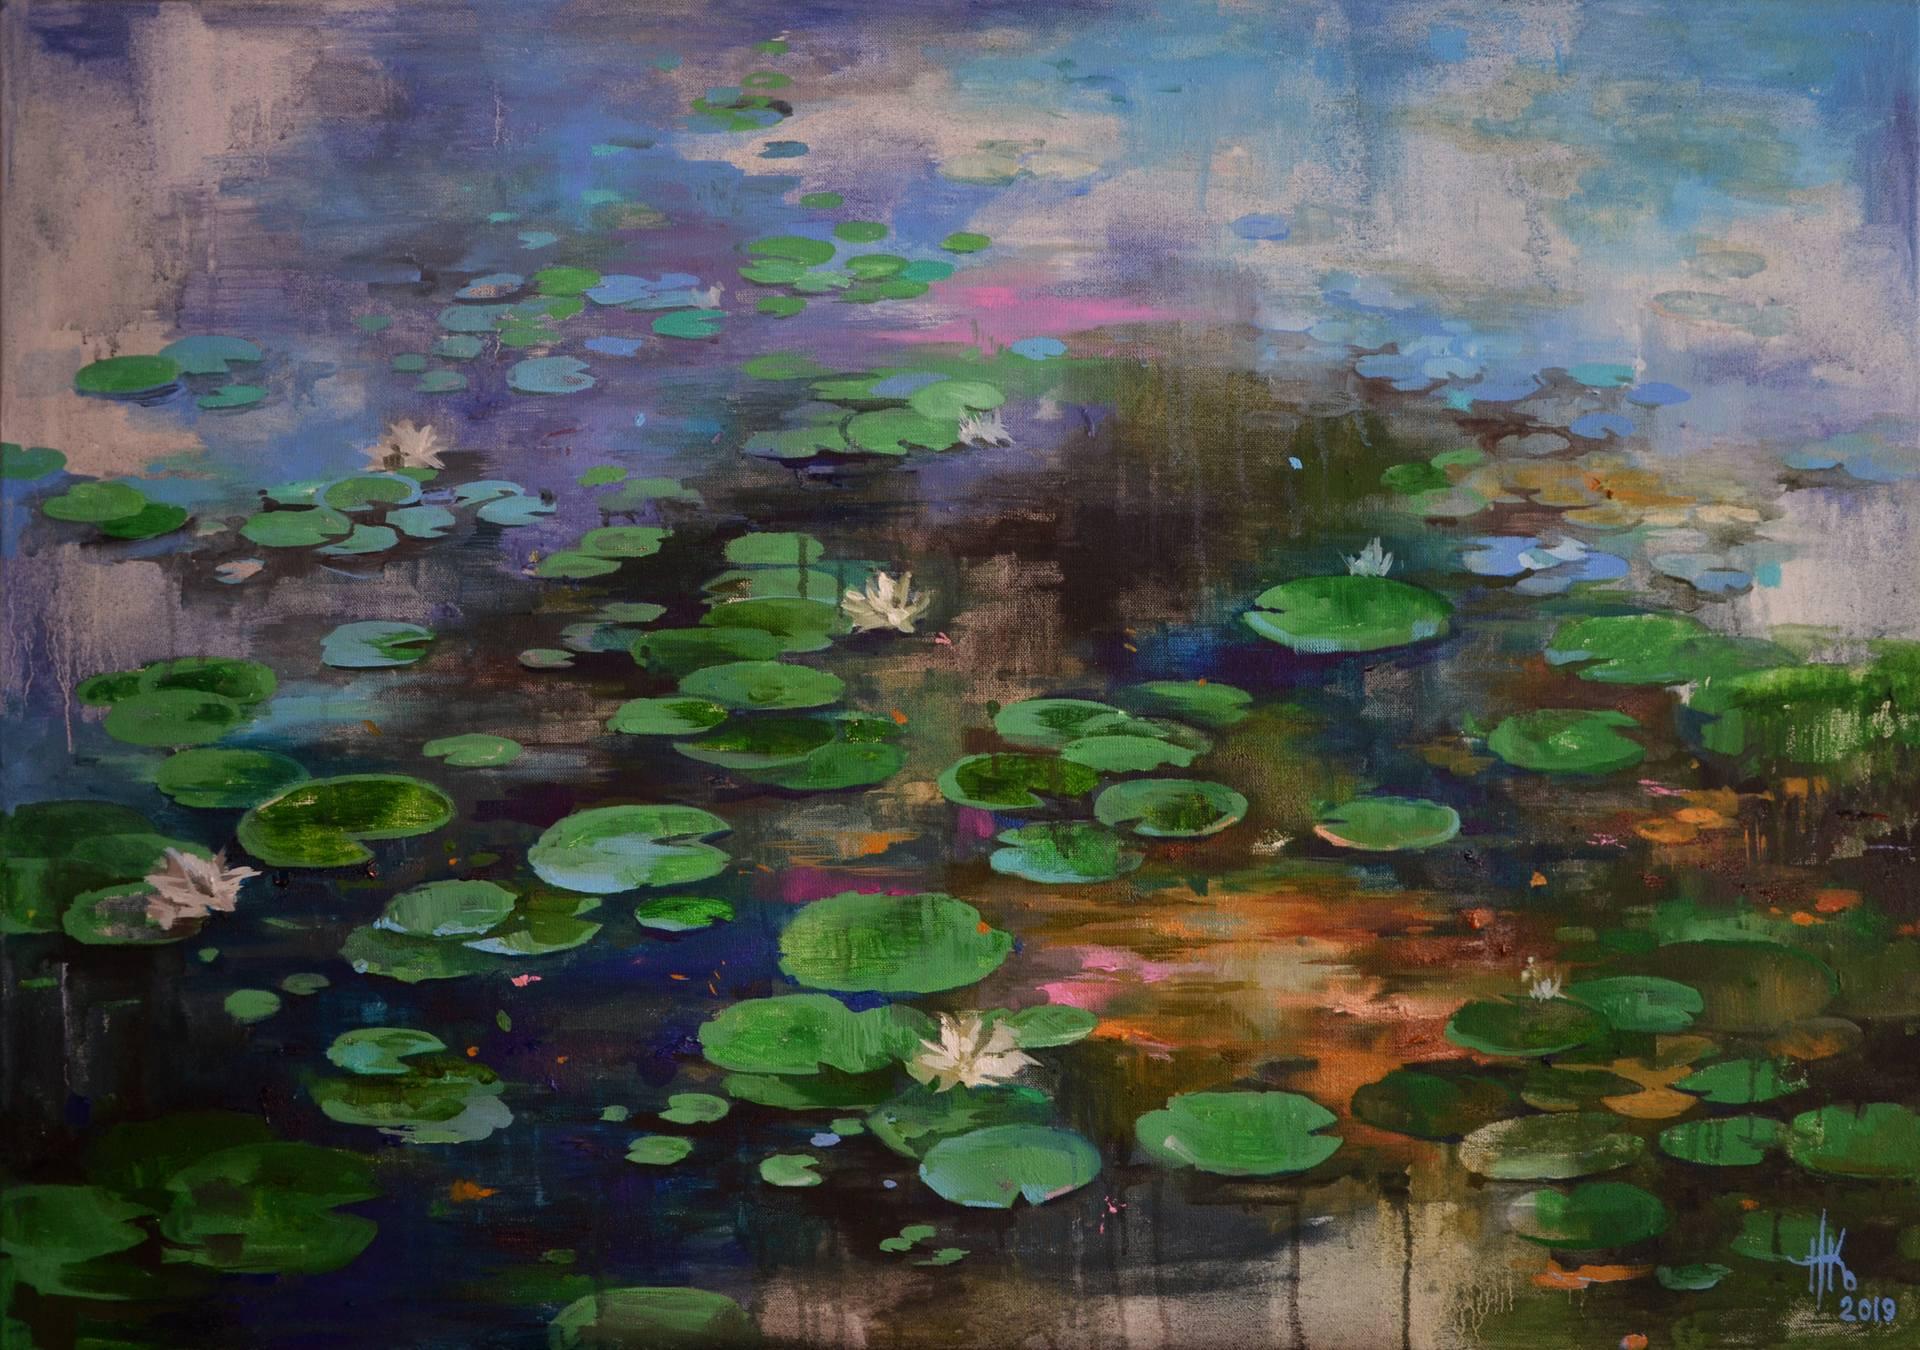 Lily pond. Wavy mirror